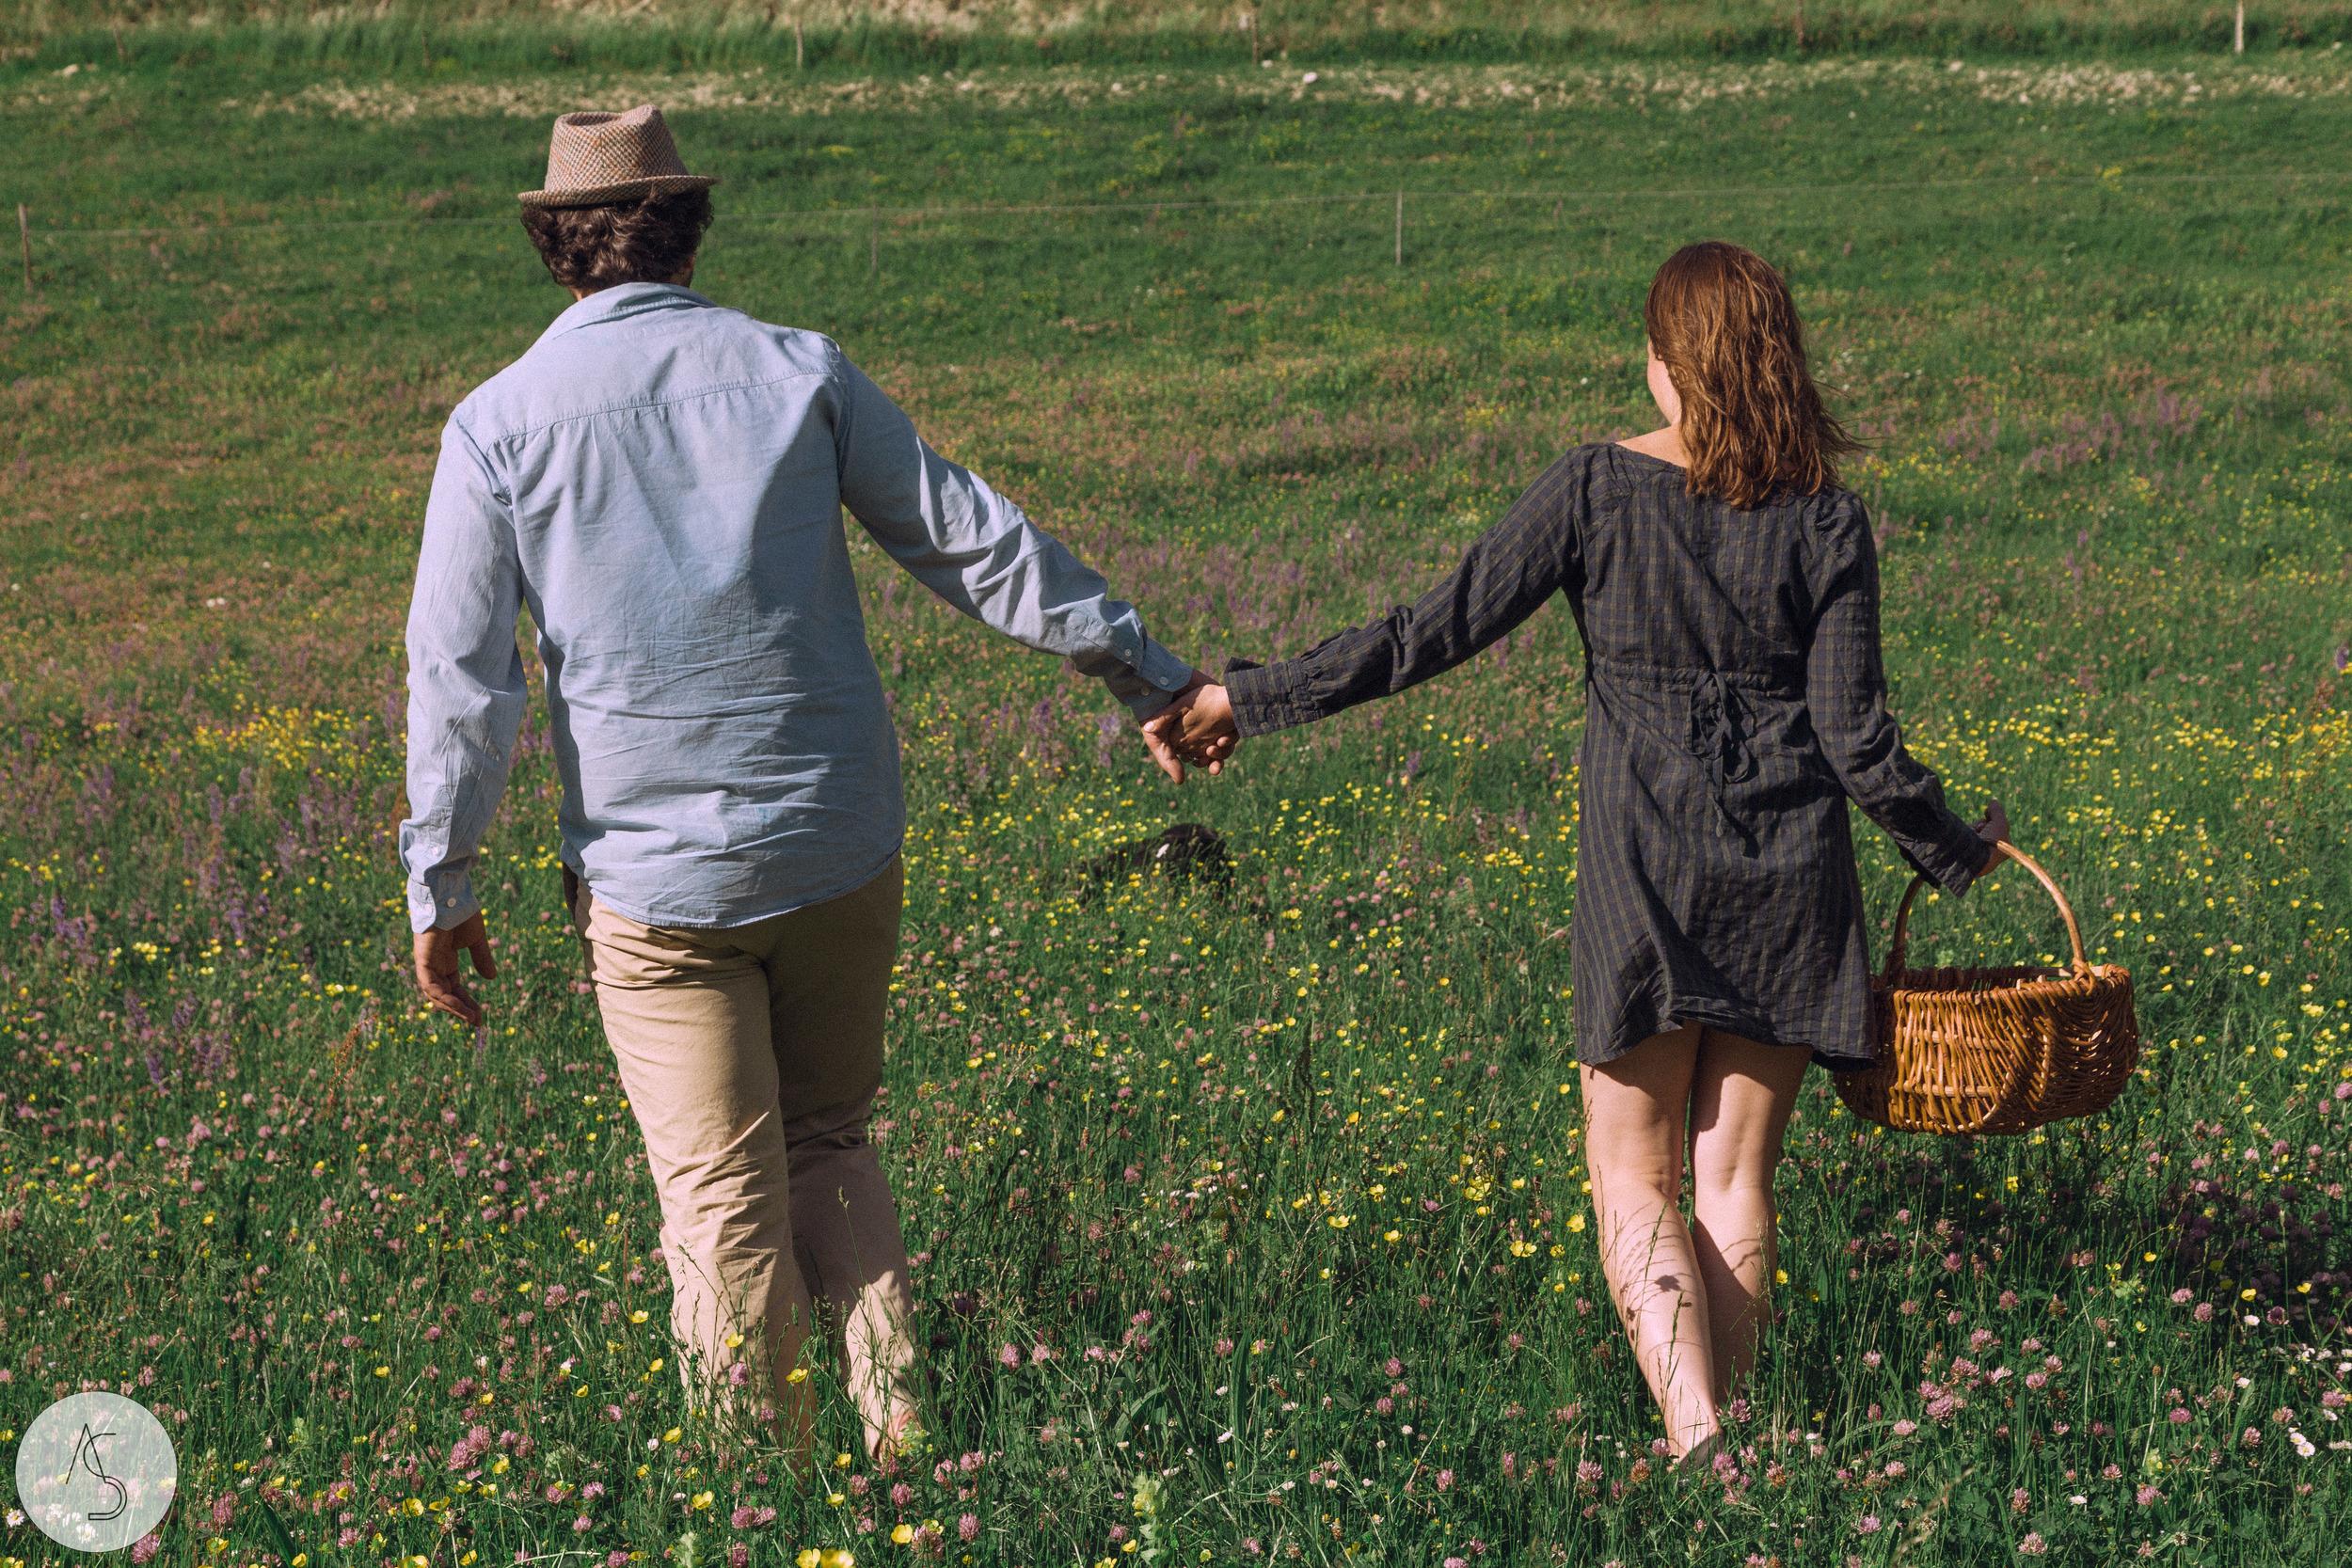 Séance engagement - La Drôme - Lifestyle_ Photographe couple5.jpg